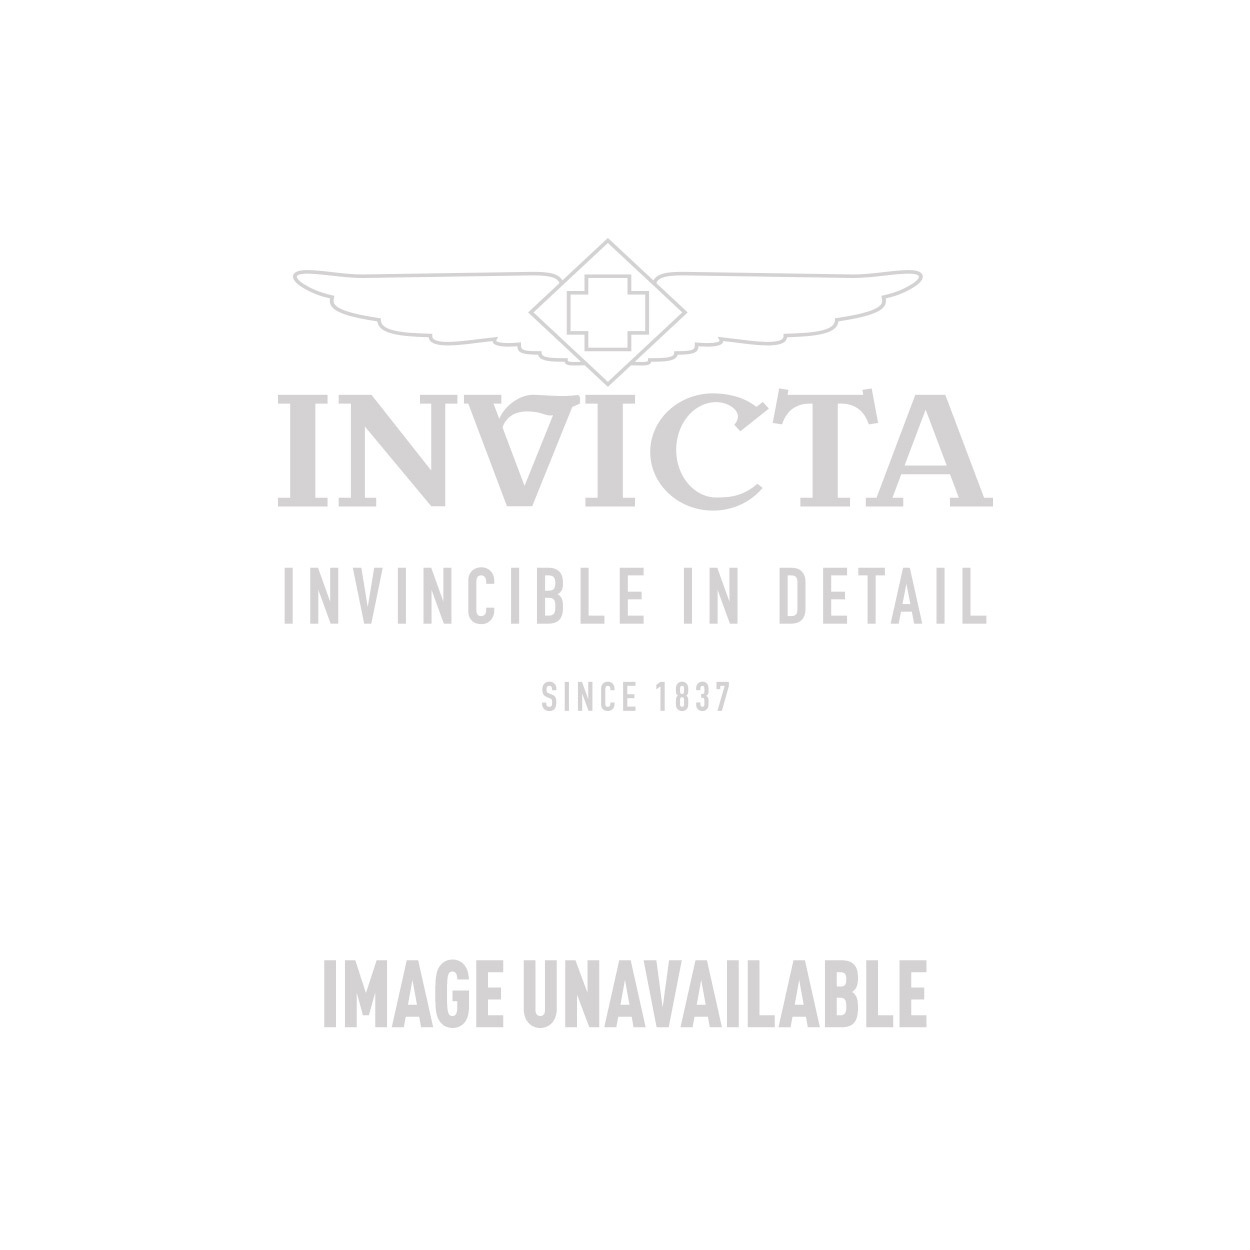 Invicta Model  SC0397